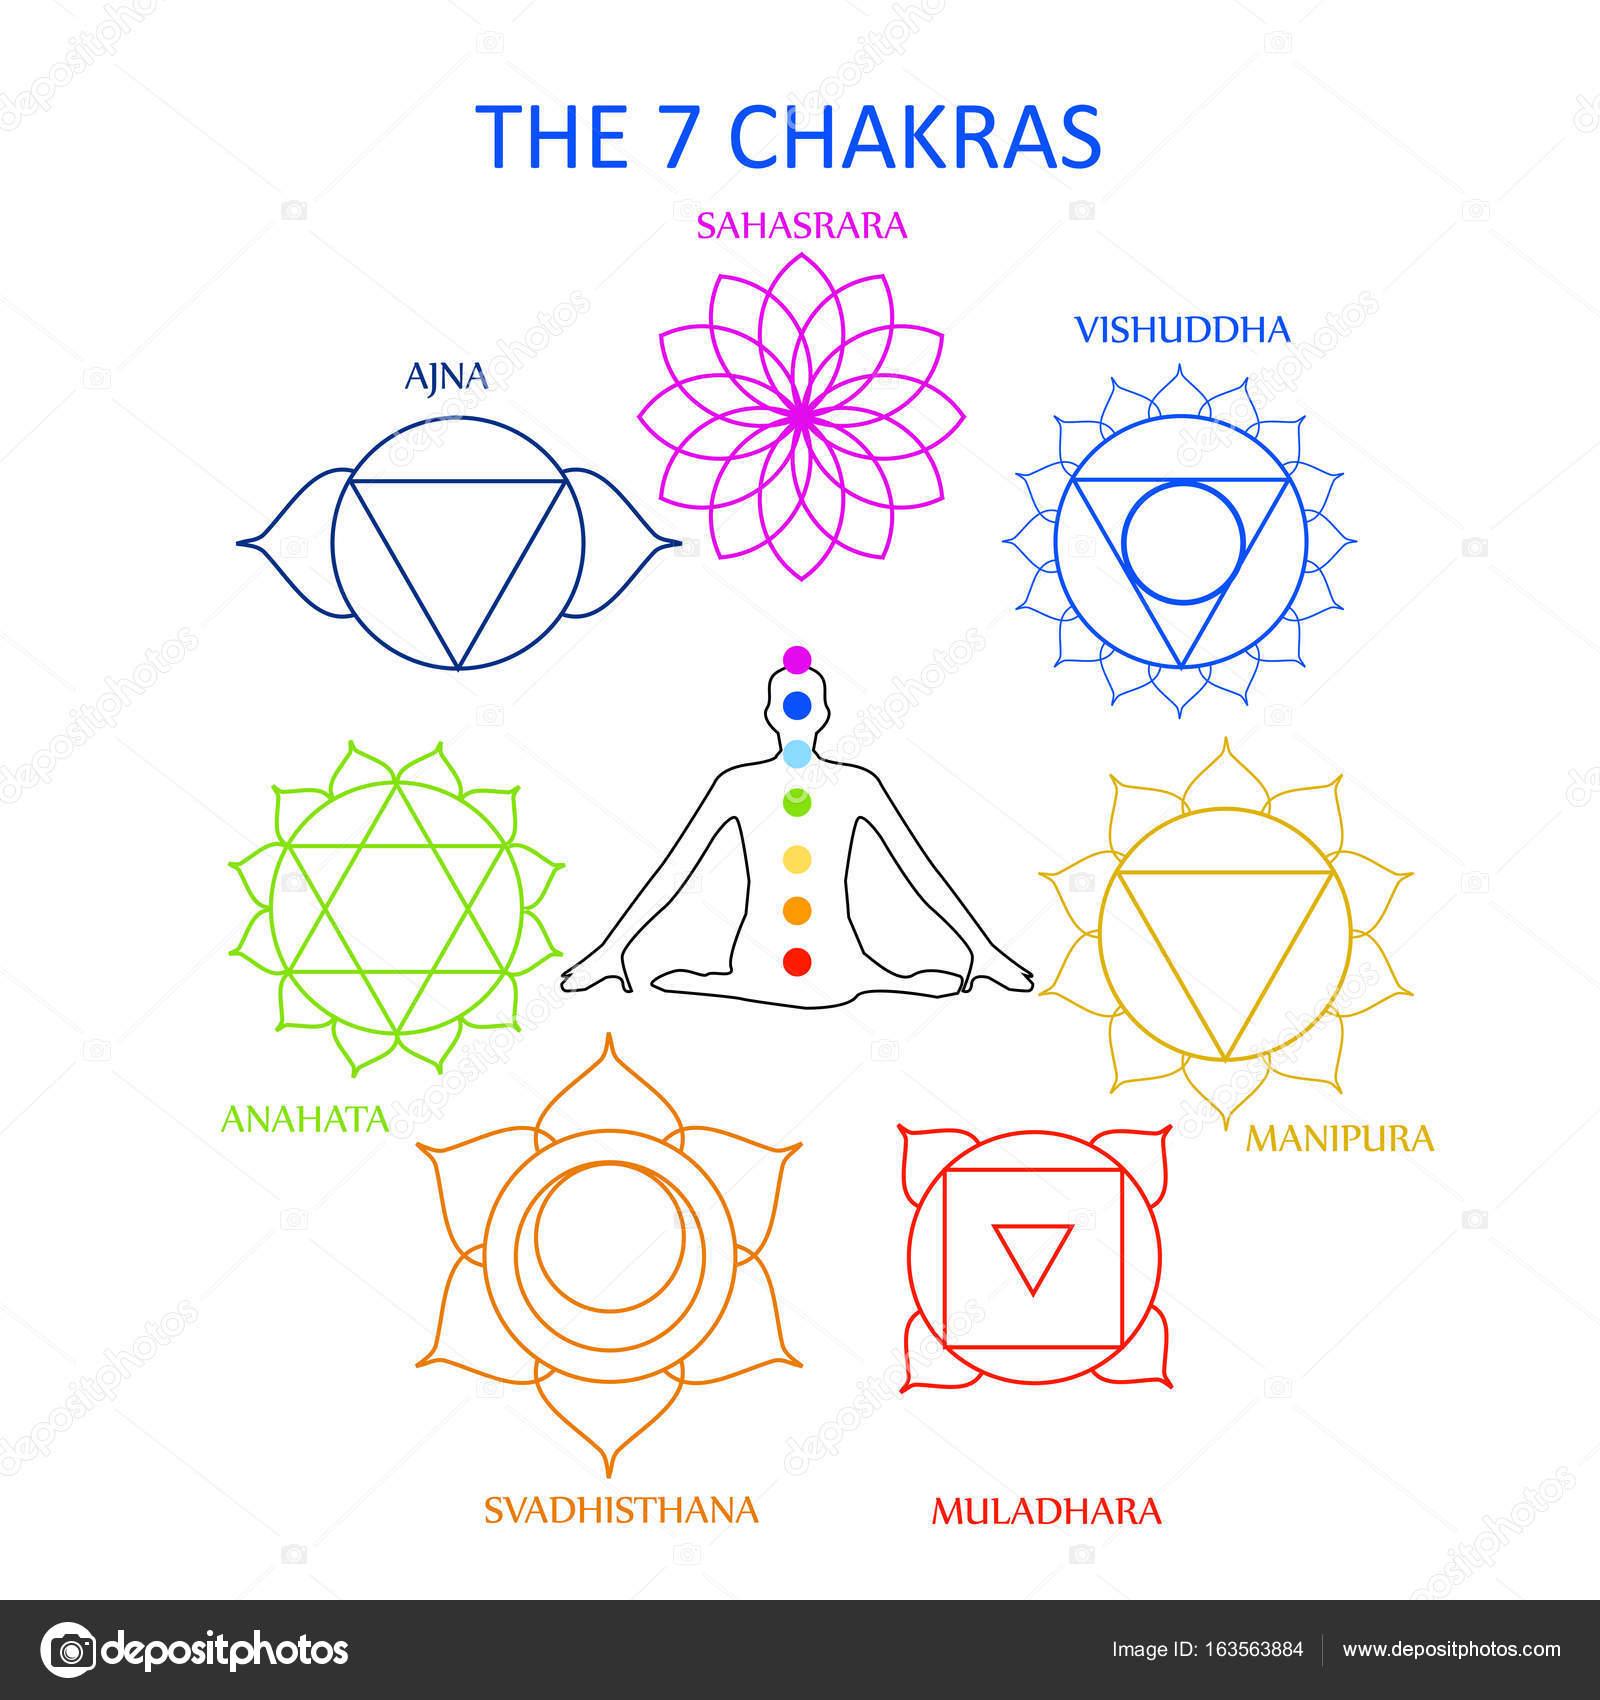 depositphotos_163563884 stock illustration the seven chakras of the the seven chakras of the human body with their names stock vector